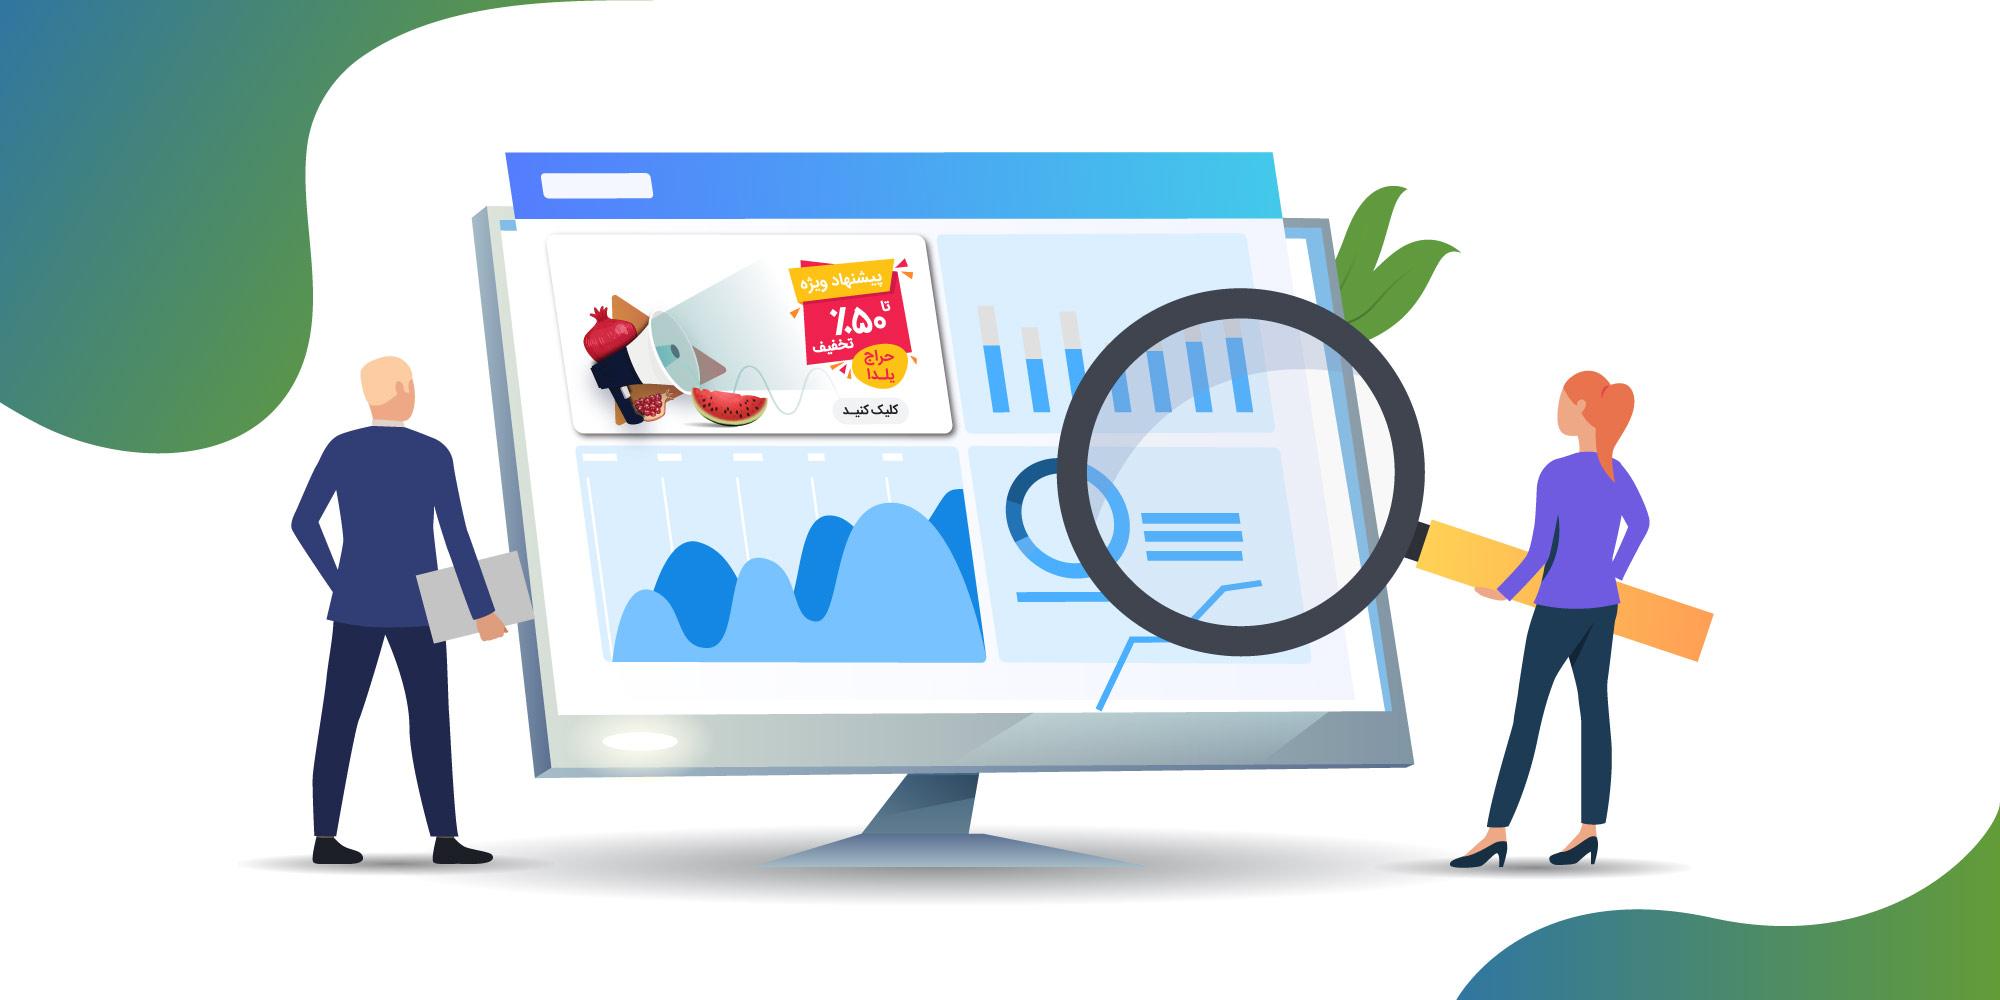 اجرا و بهینه سازی کمپین تبلیغاتی